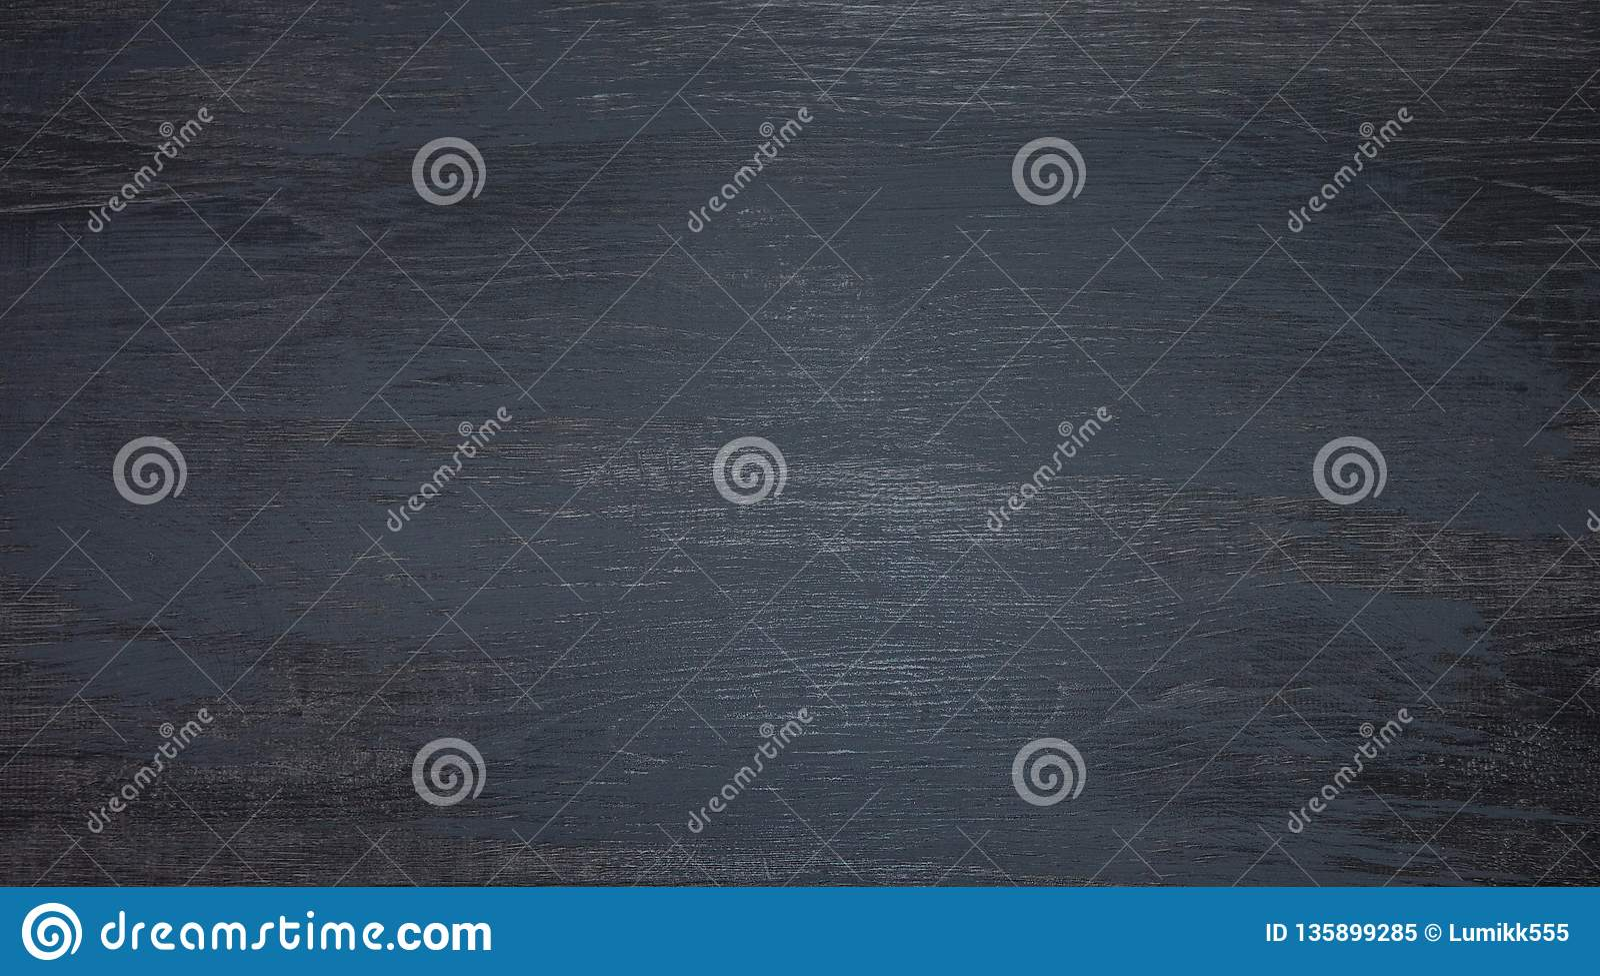 Panoramicznego zmroku runge popielata Drewniana tekstura Zamknięta w górę